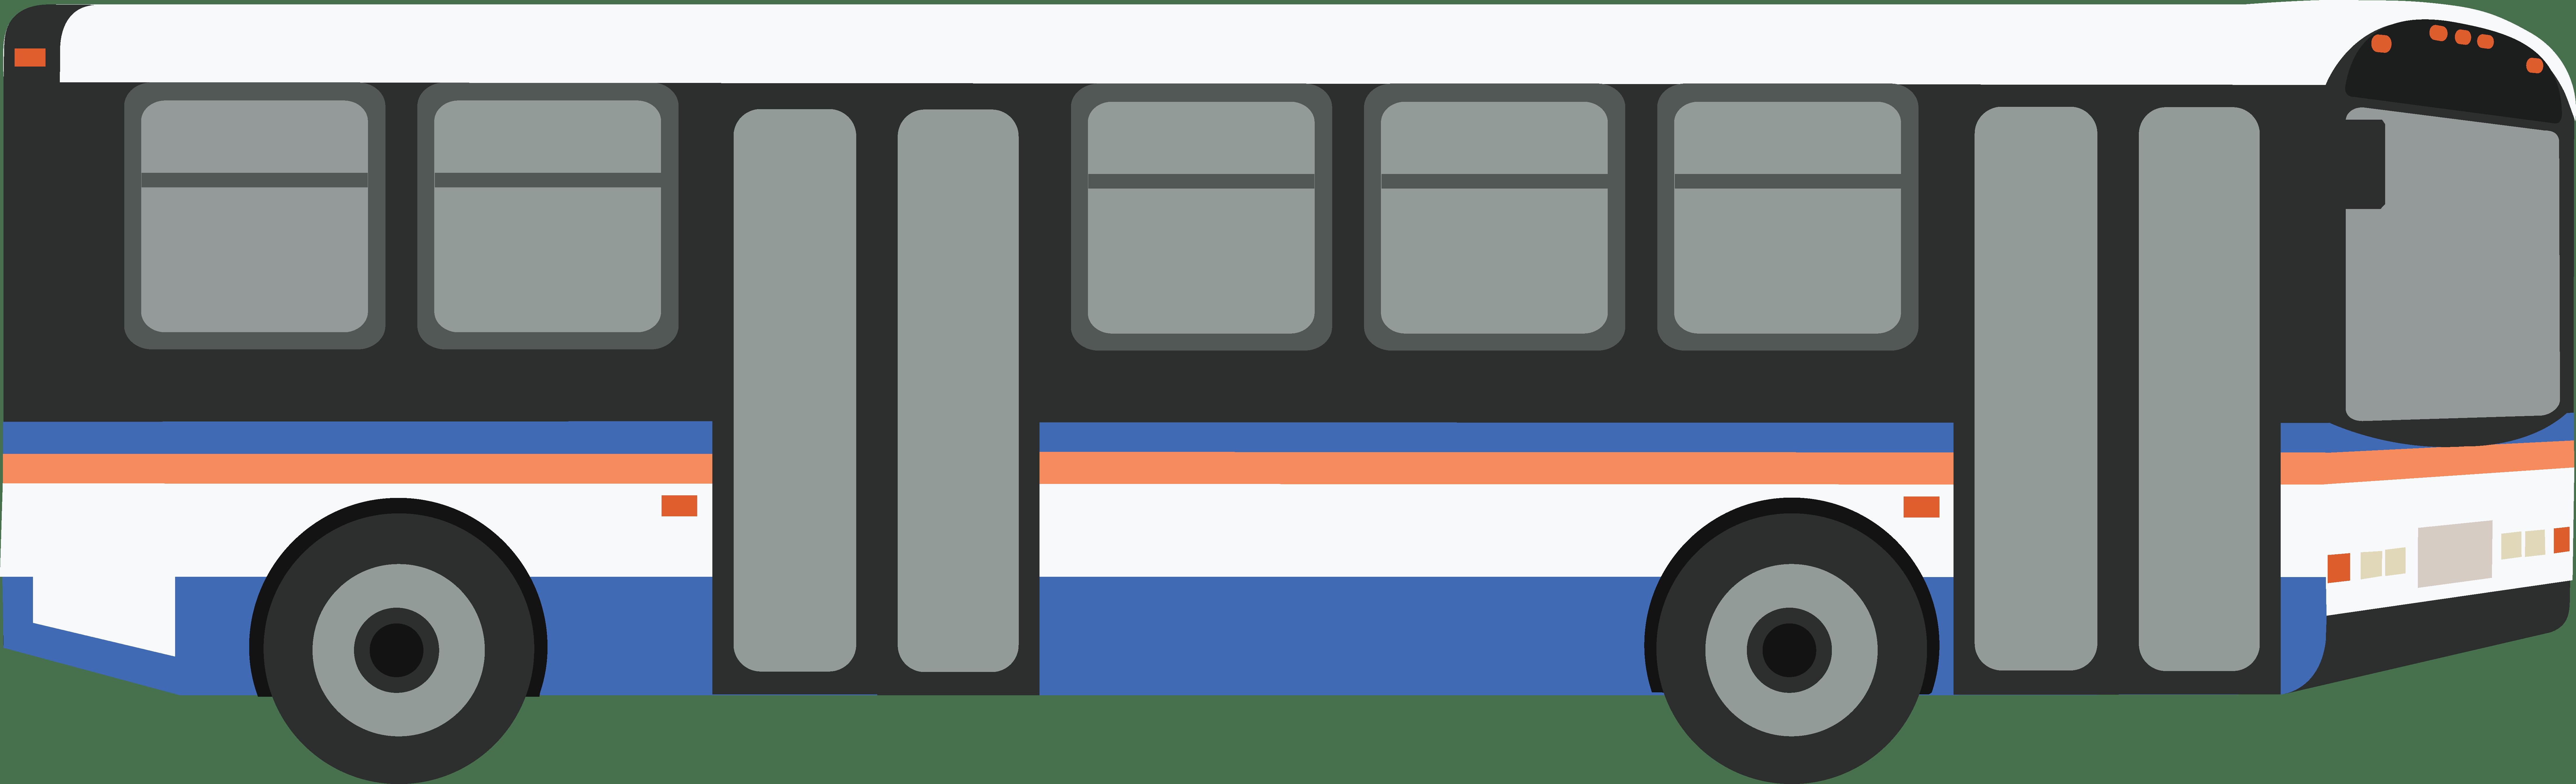 Public bus clipart » Clipart Portal.